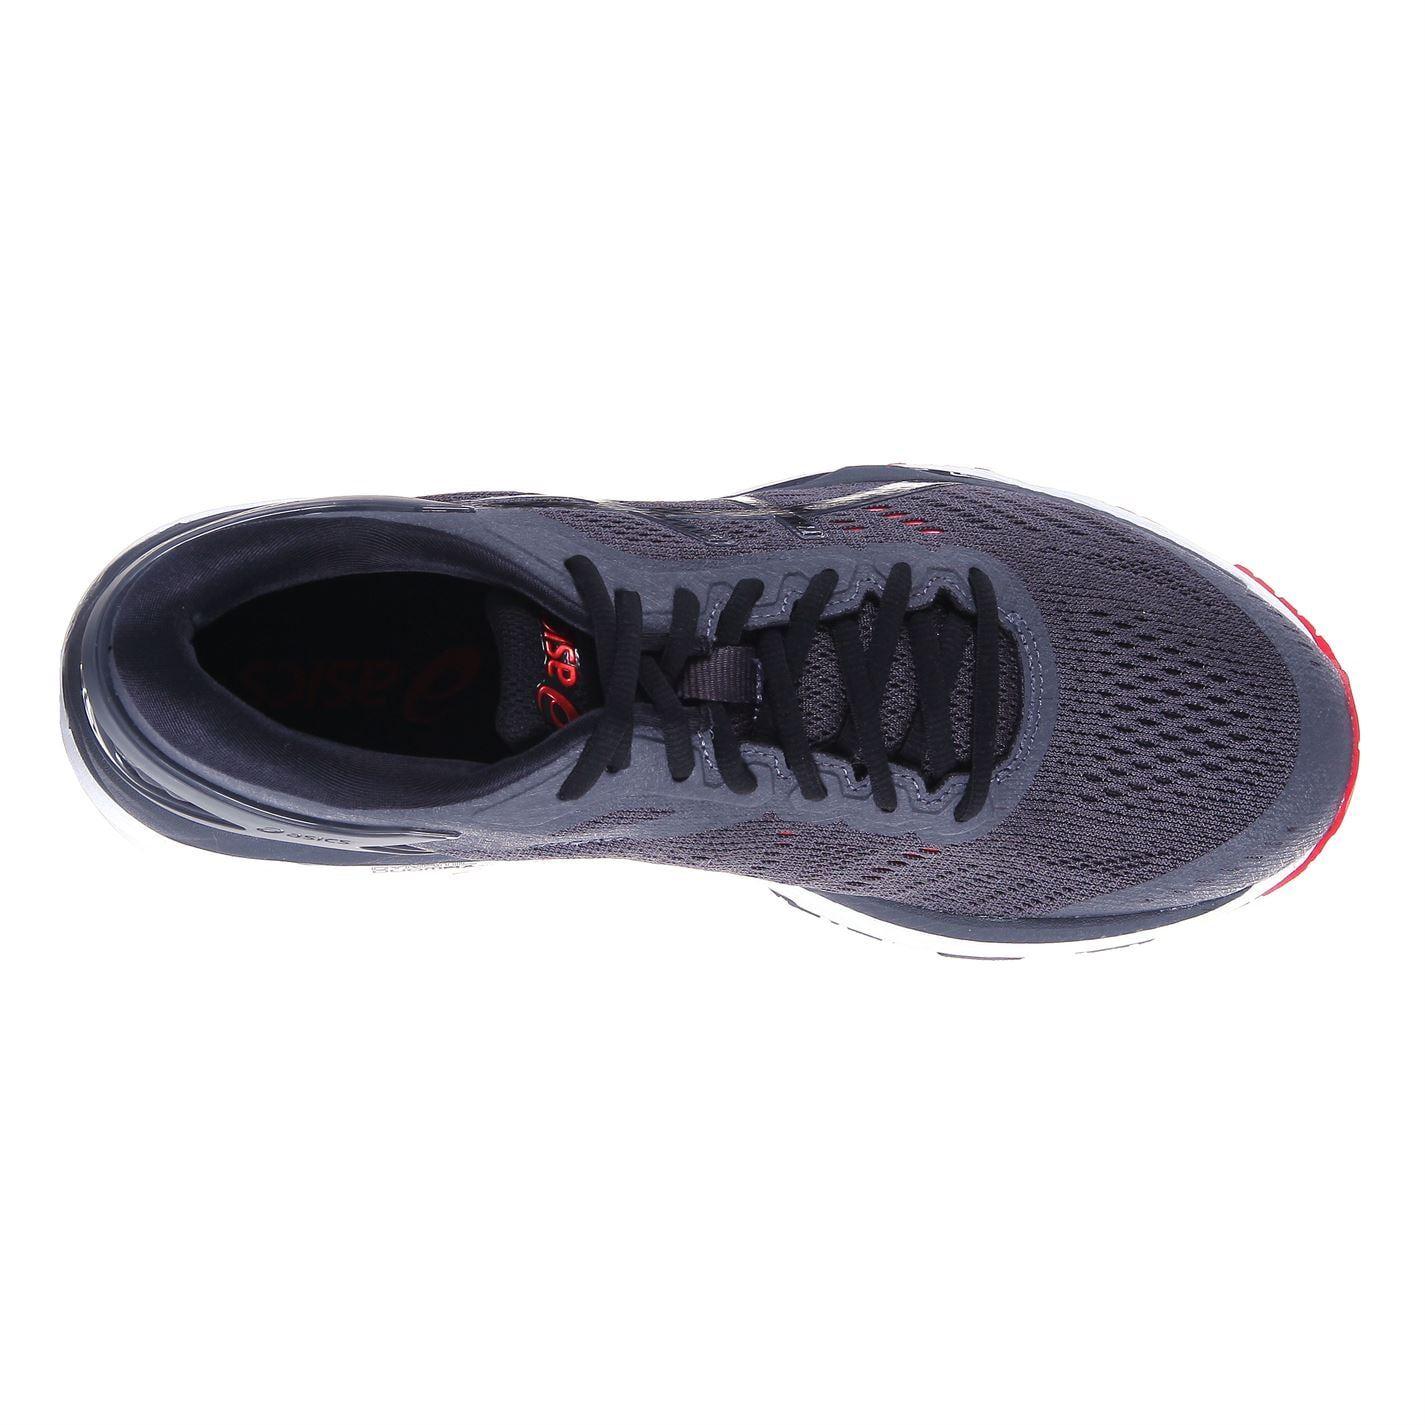 zapatillas asics hombre antiguas 36